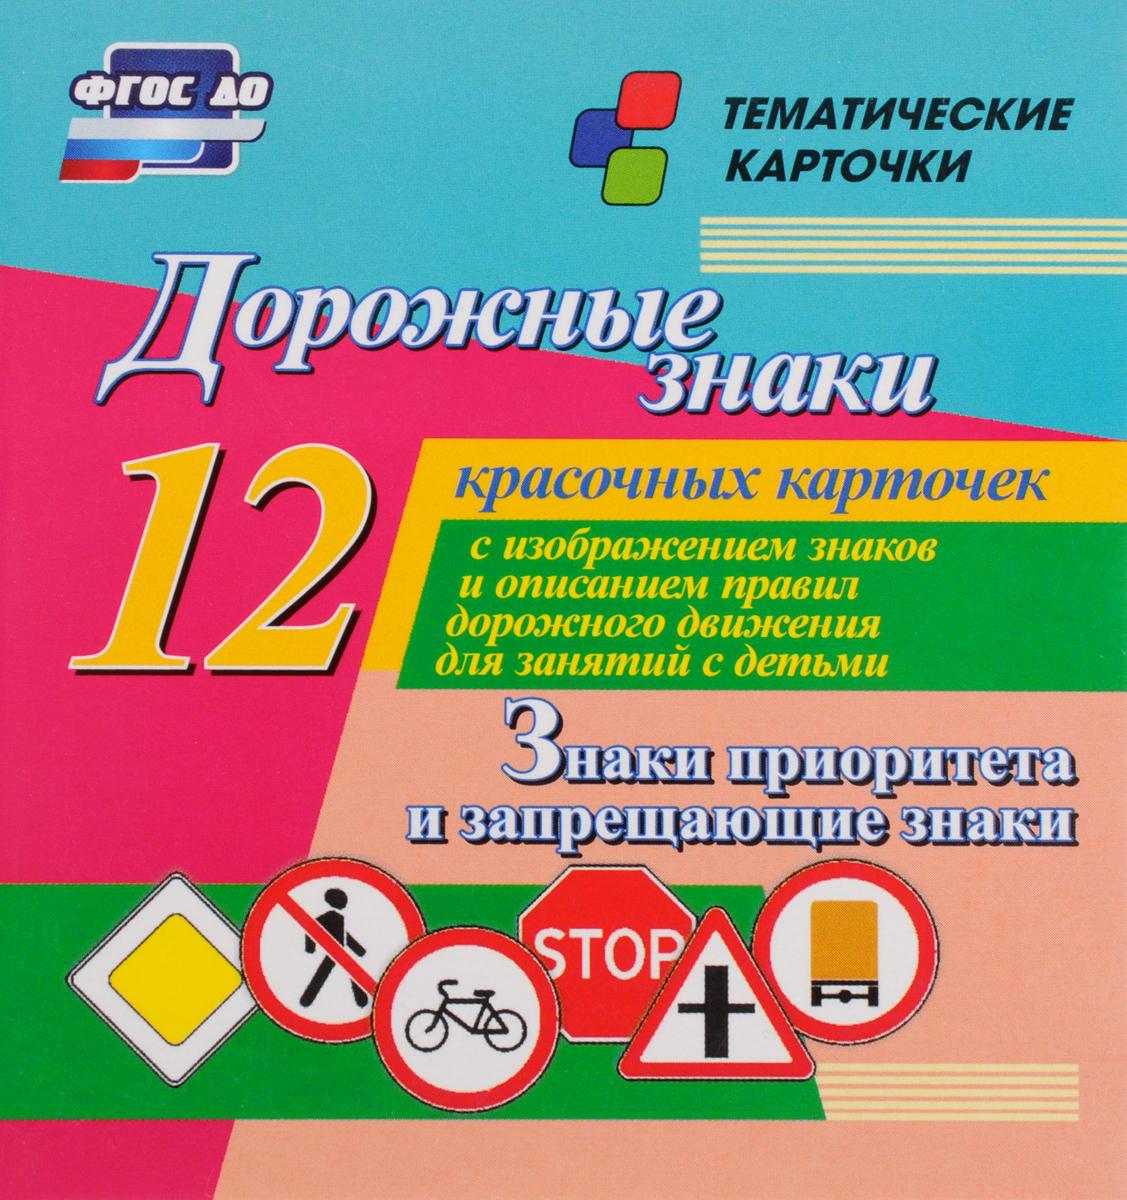 Дорожные знаки. Знаки приоритета и запрещающие знаки (набор из 12 карточек)